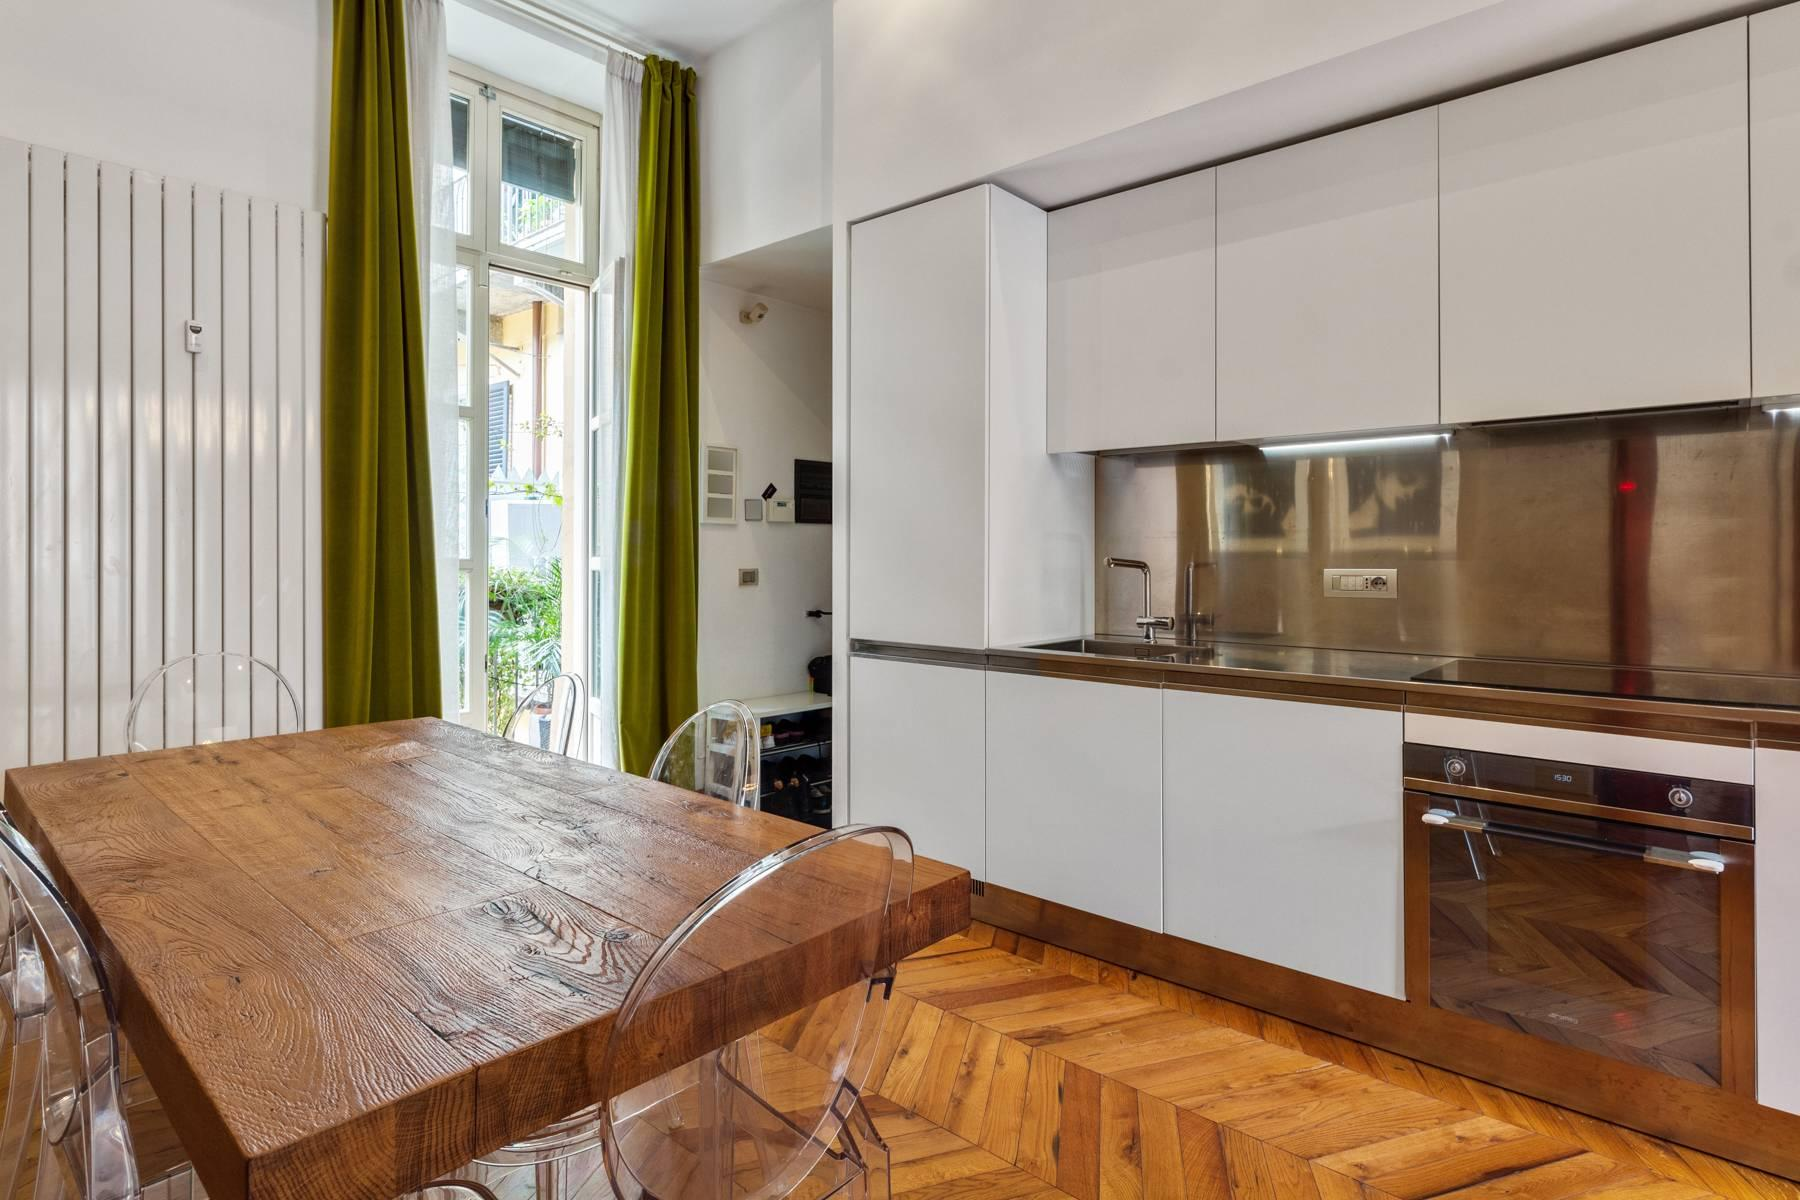 Affascinante appartamento nel cuore del quartiere Cit Turin - 4